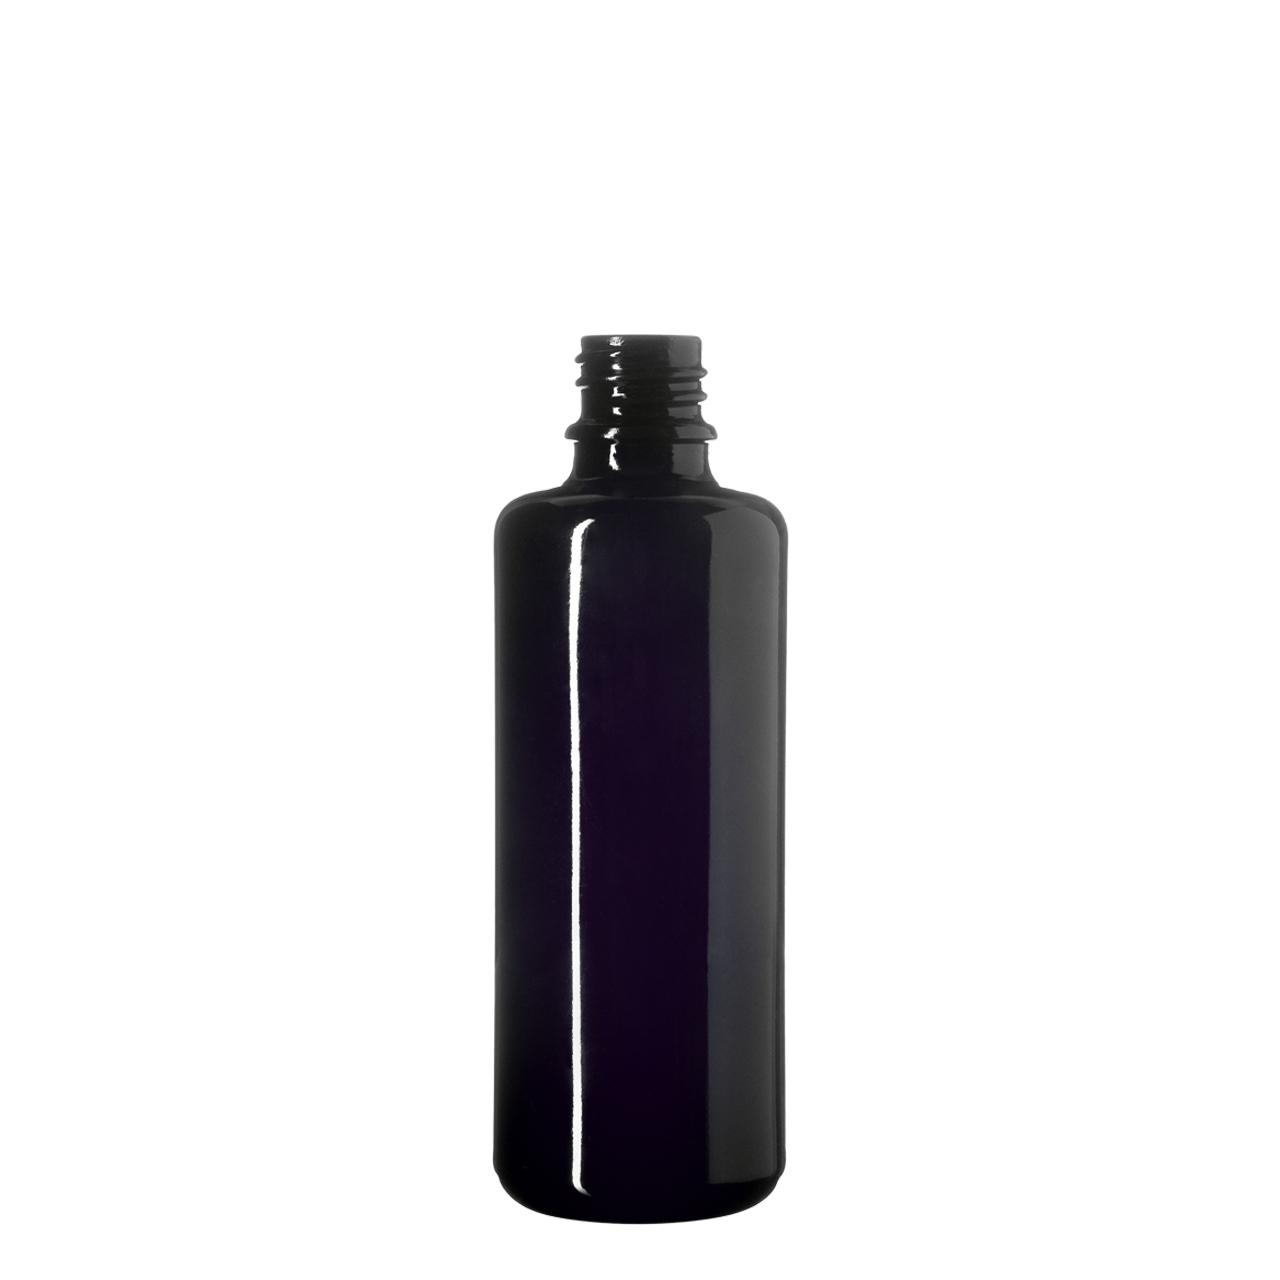 Tropfenflaschen Orion 60 ml, 168/GL18 (FL-60)